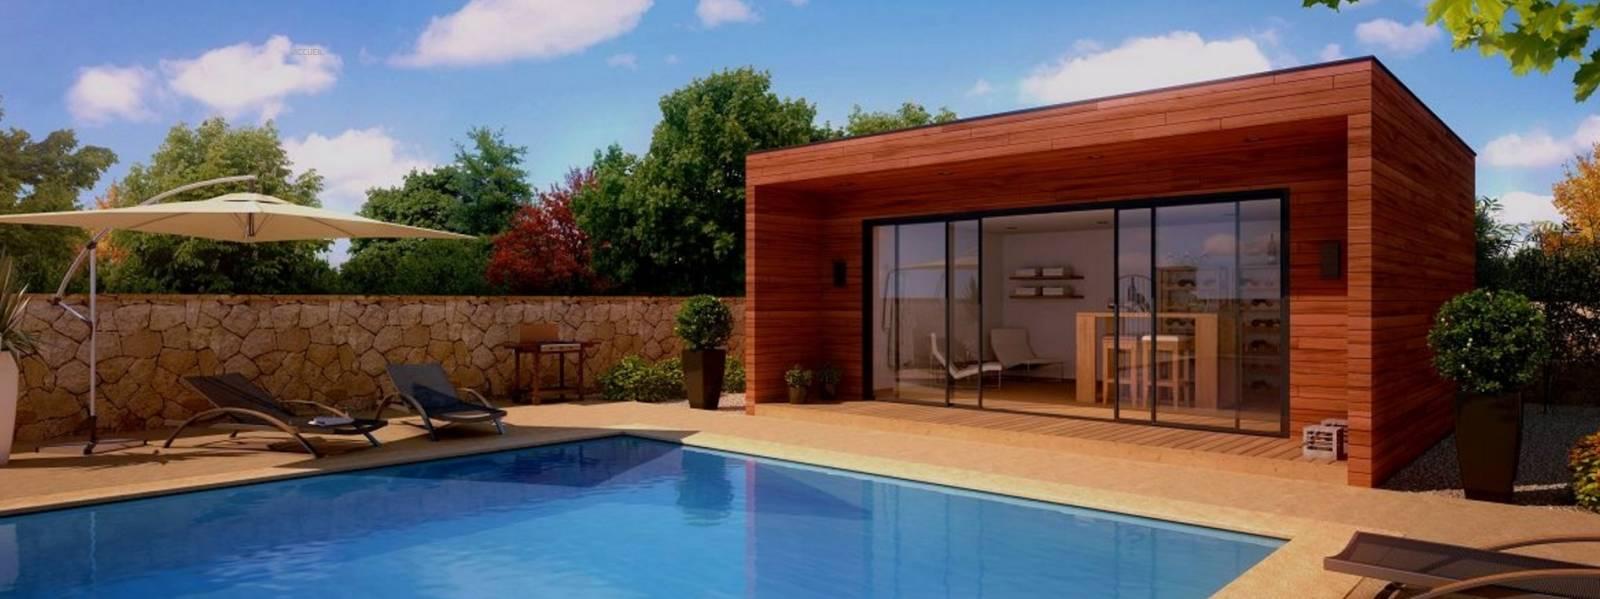 Haut Construction d'un pool house en bois à Bordeaux - Construction en  HJ37